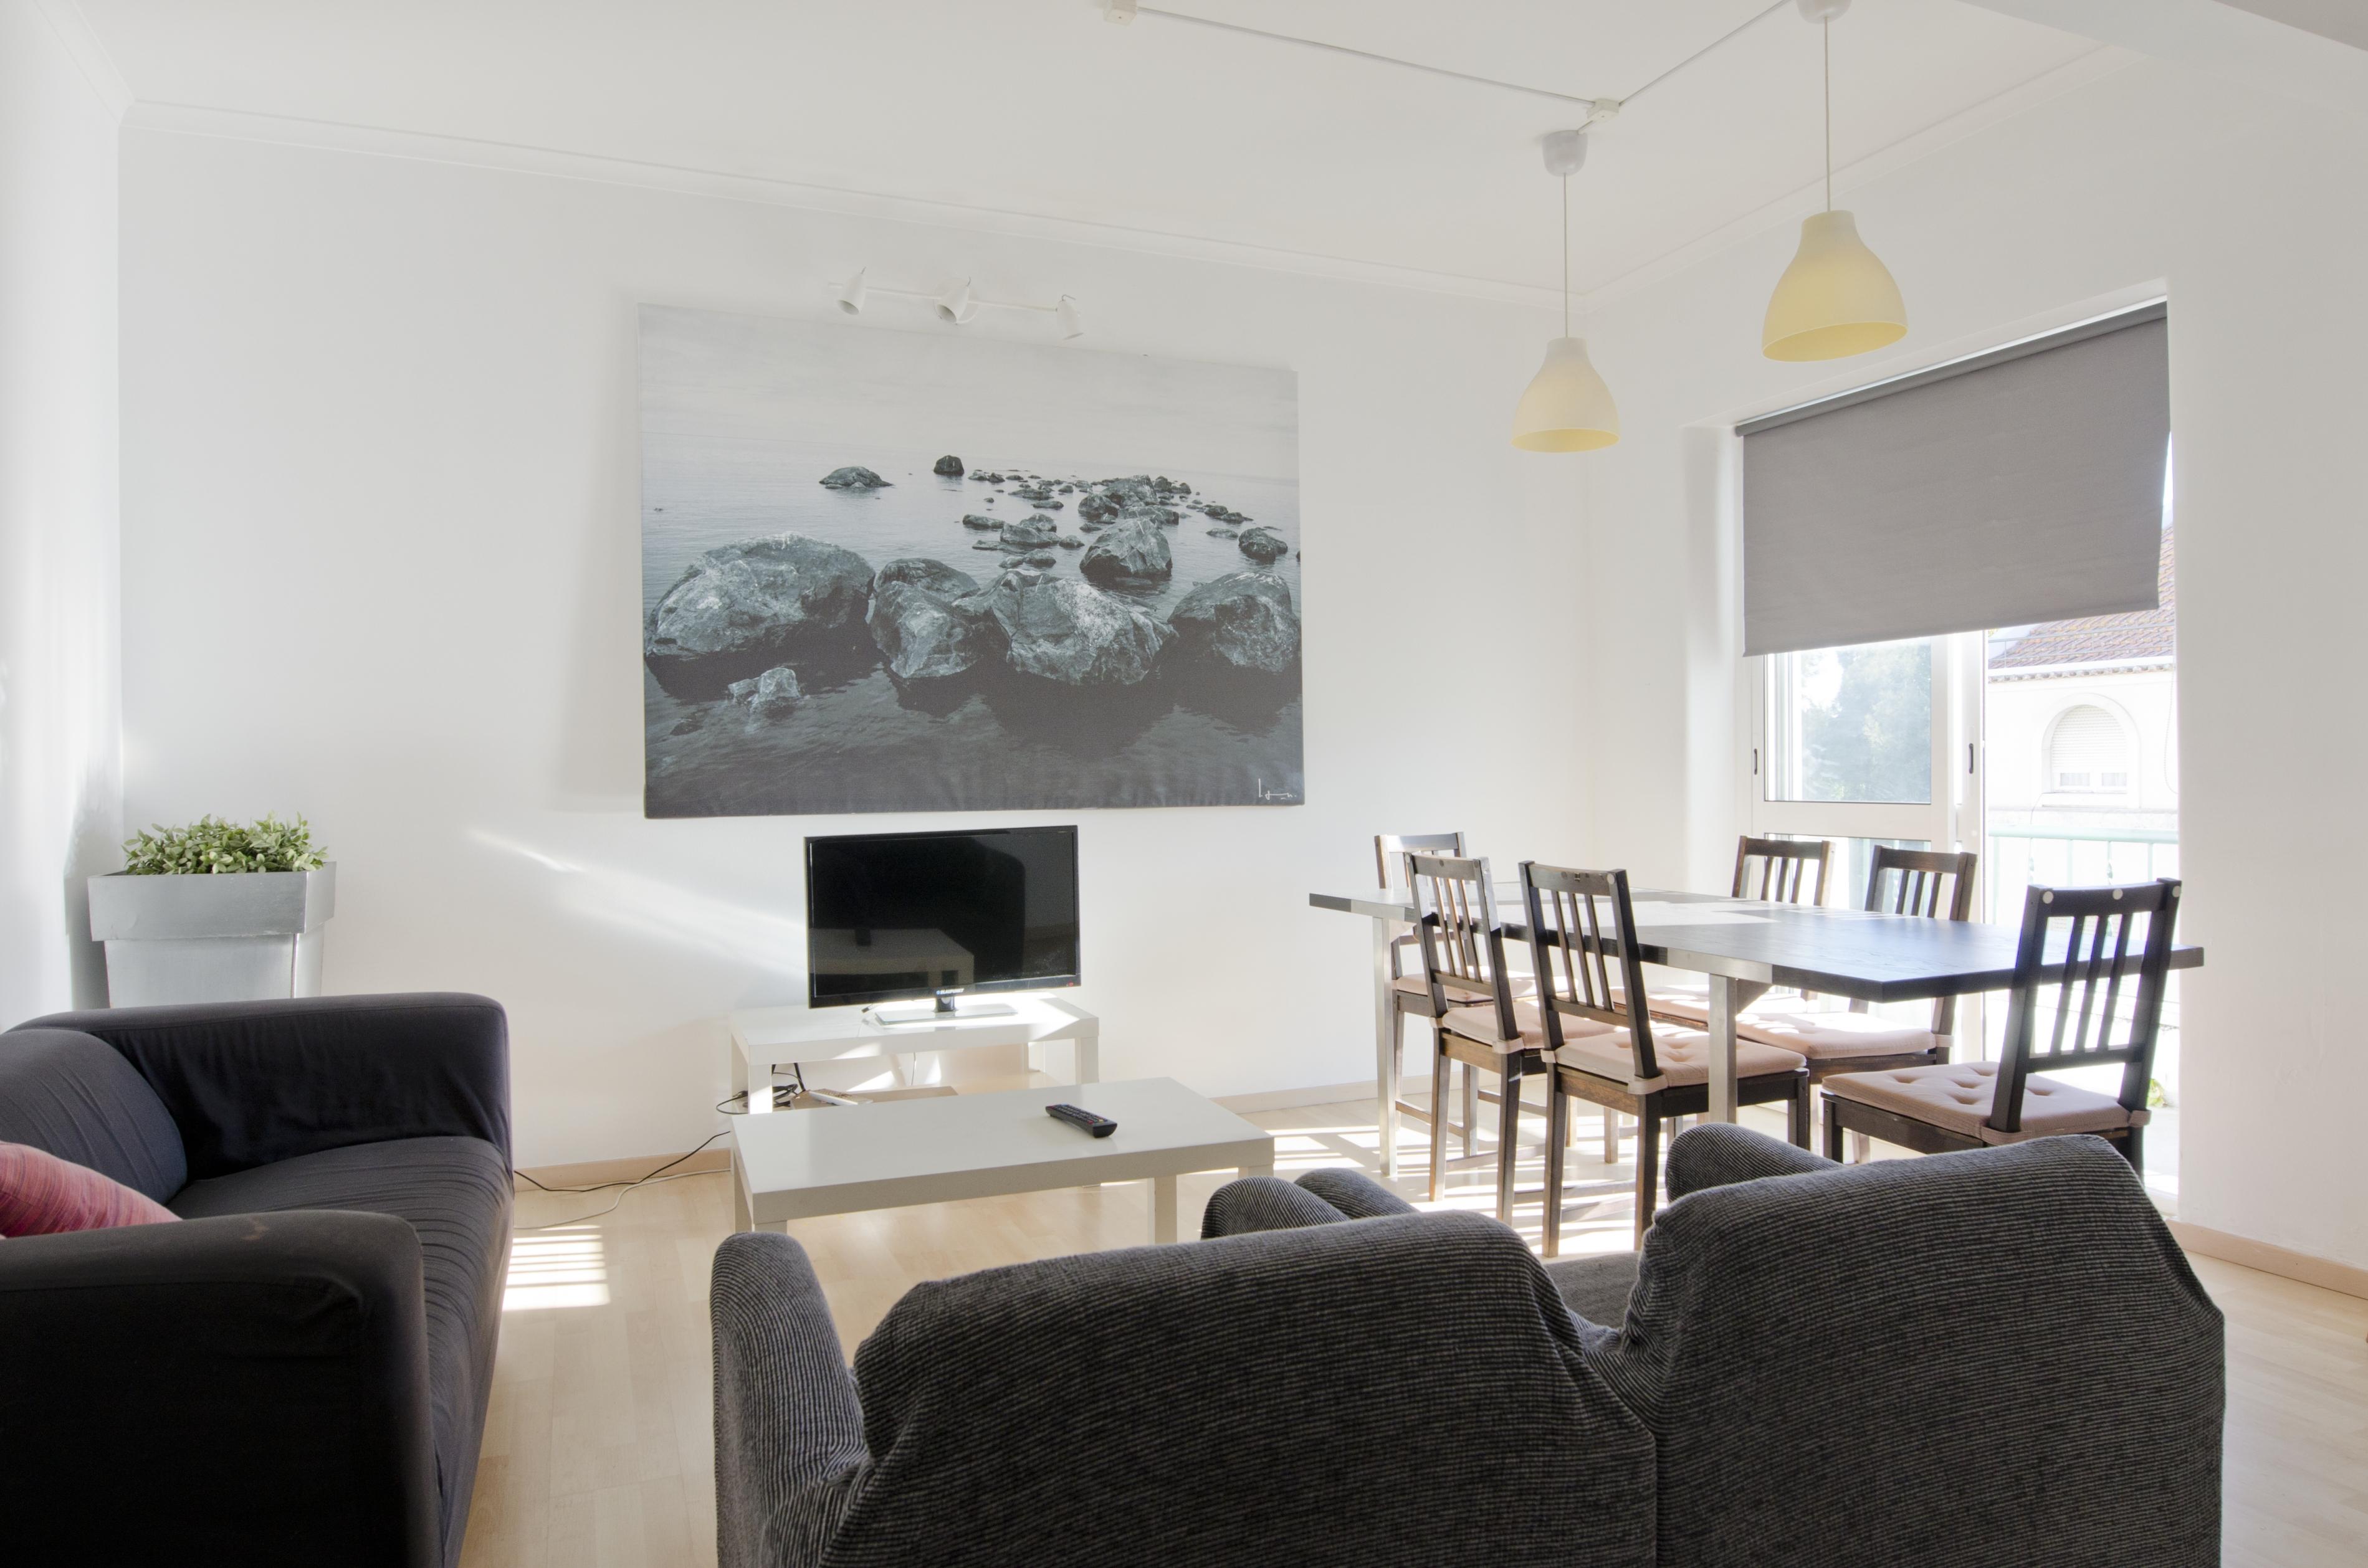 AB - Sala Comum. Living room - Foto 1.JPG